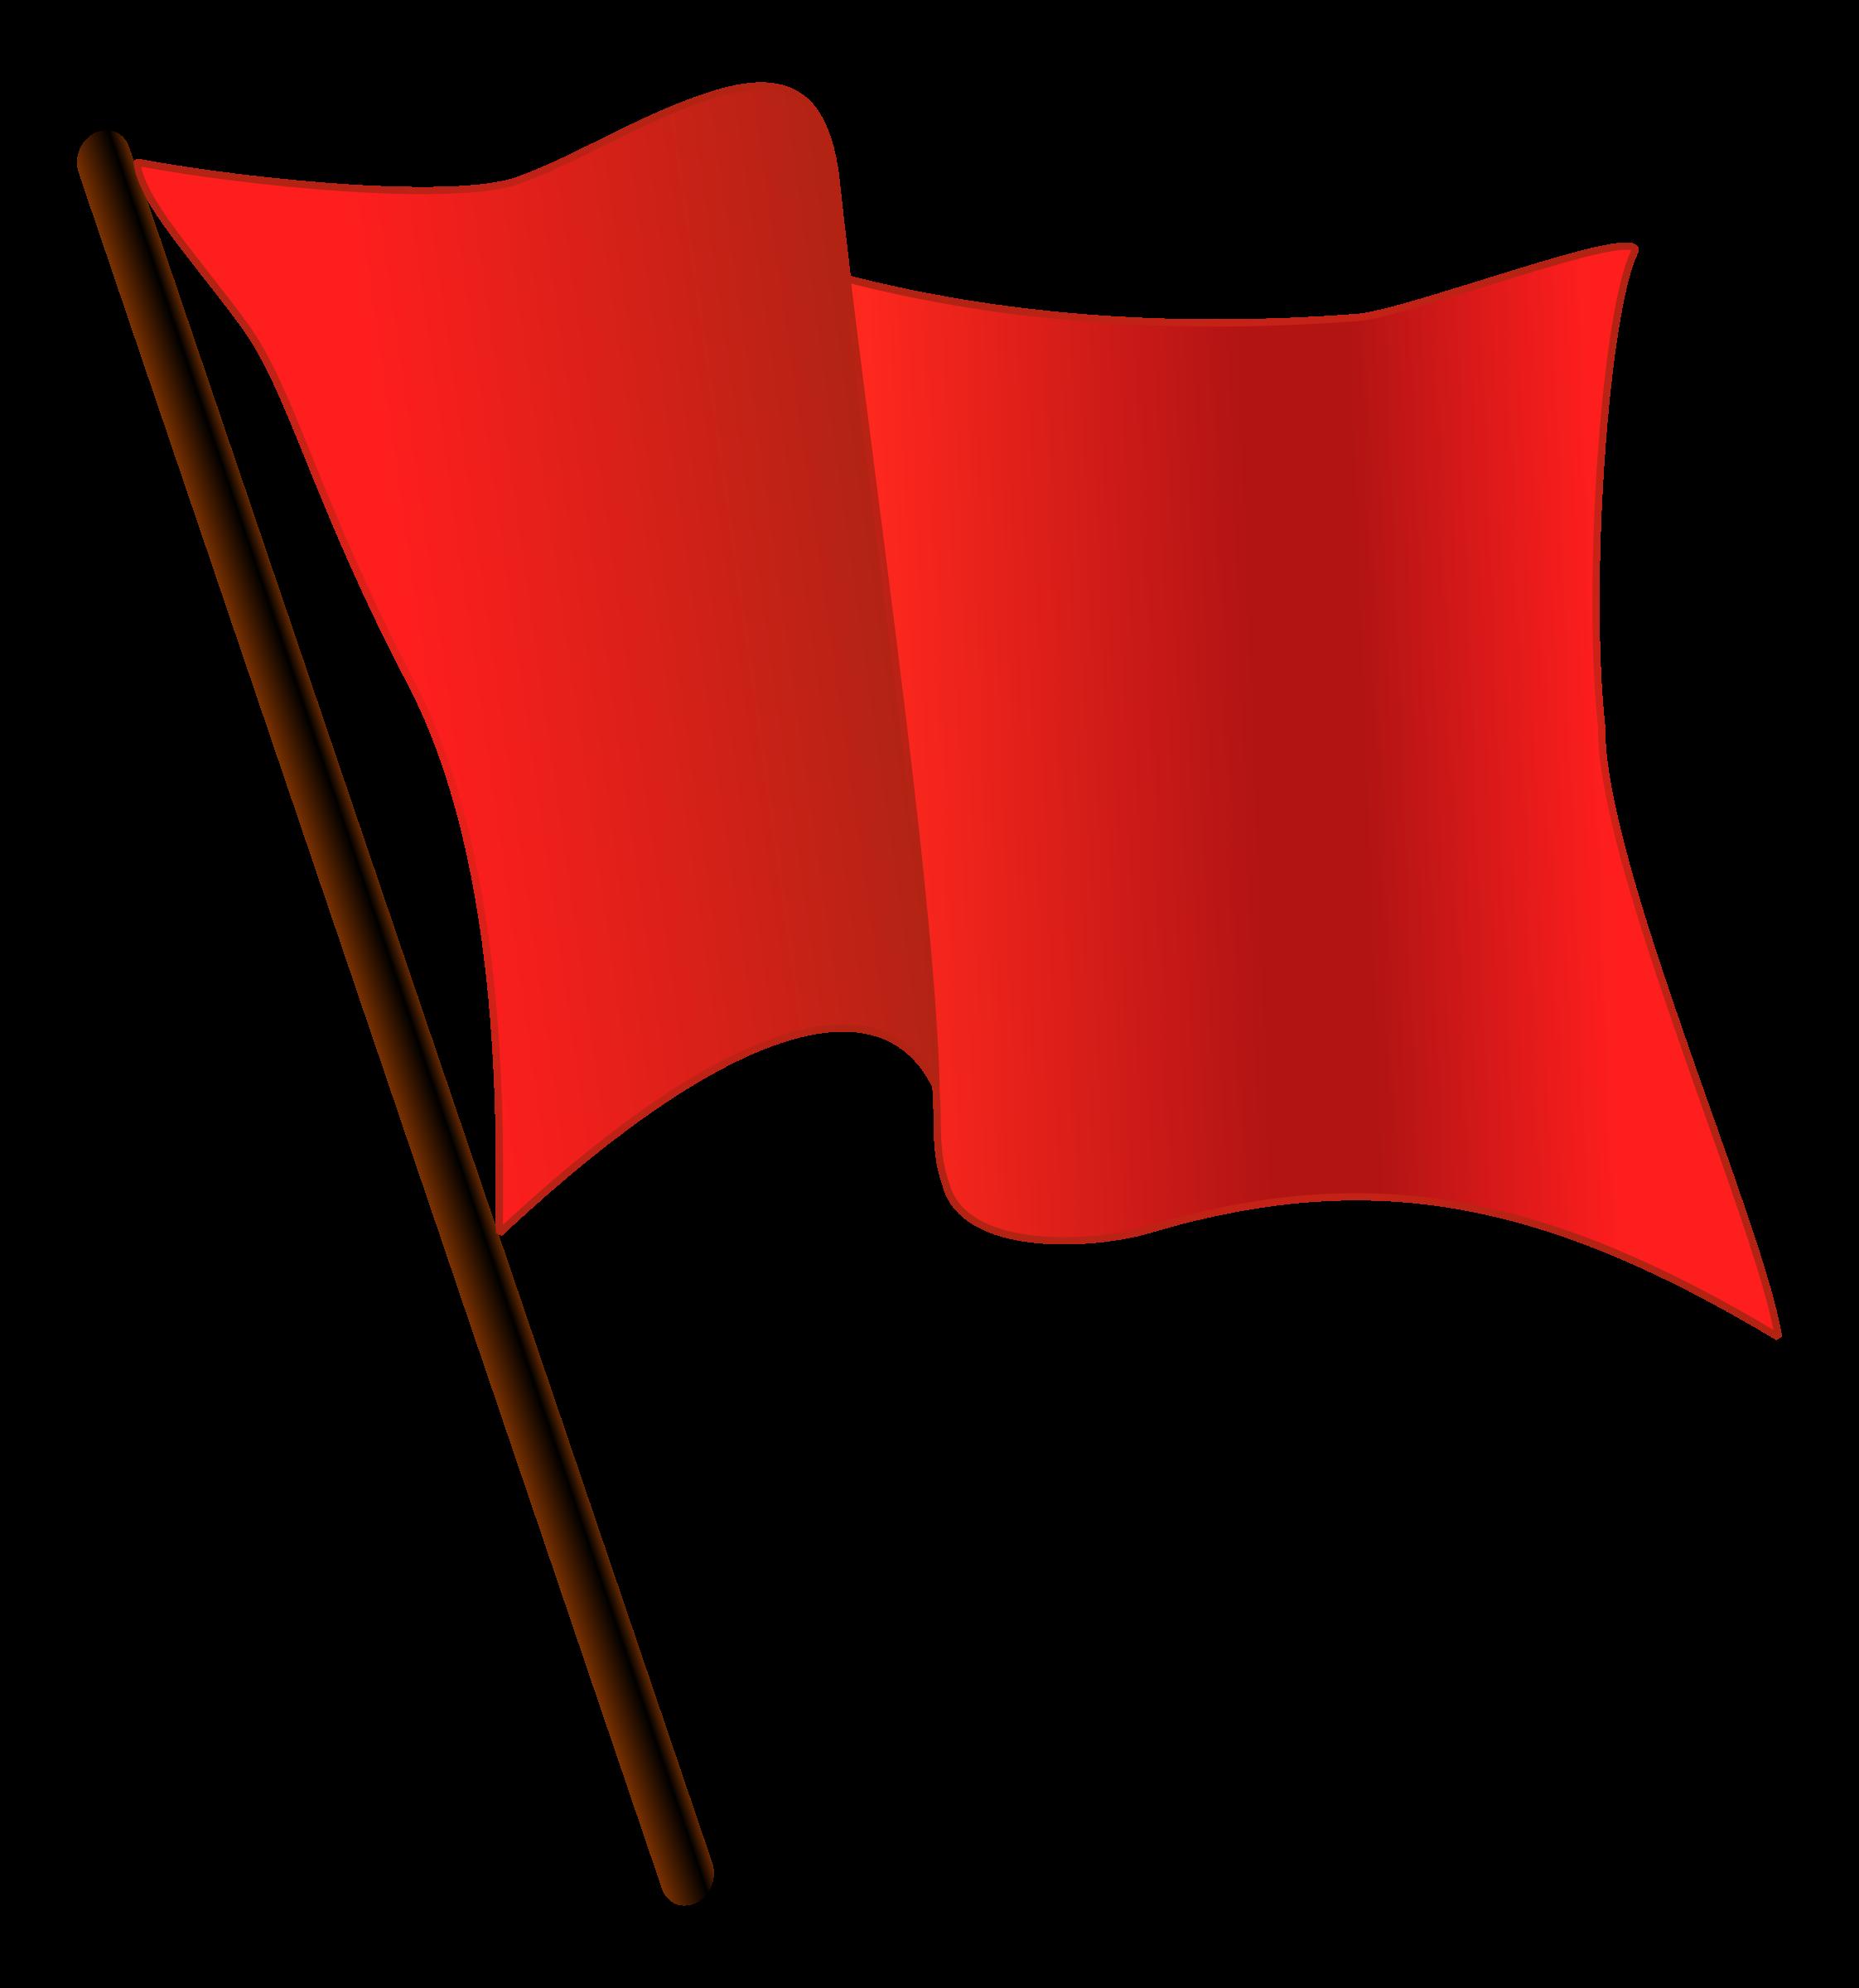 Flag clipart Panda Free Flag Clip flag%20clipart